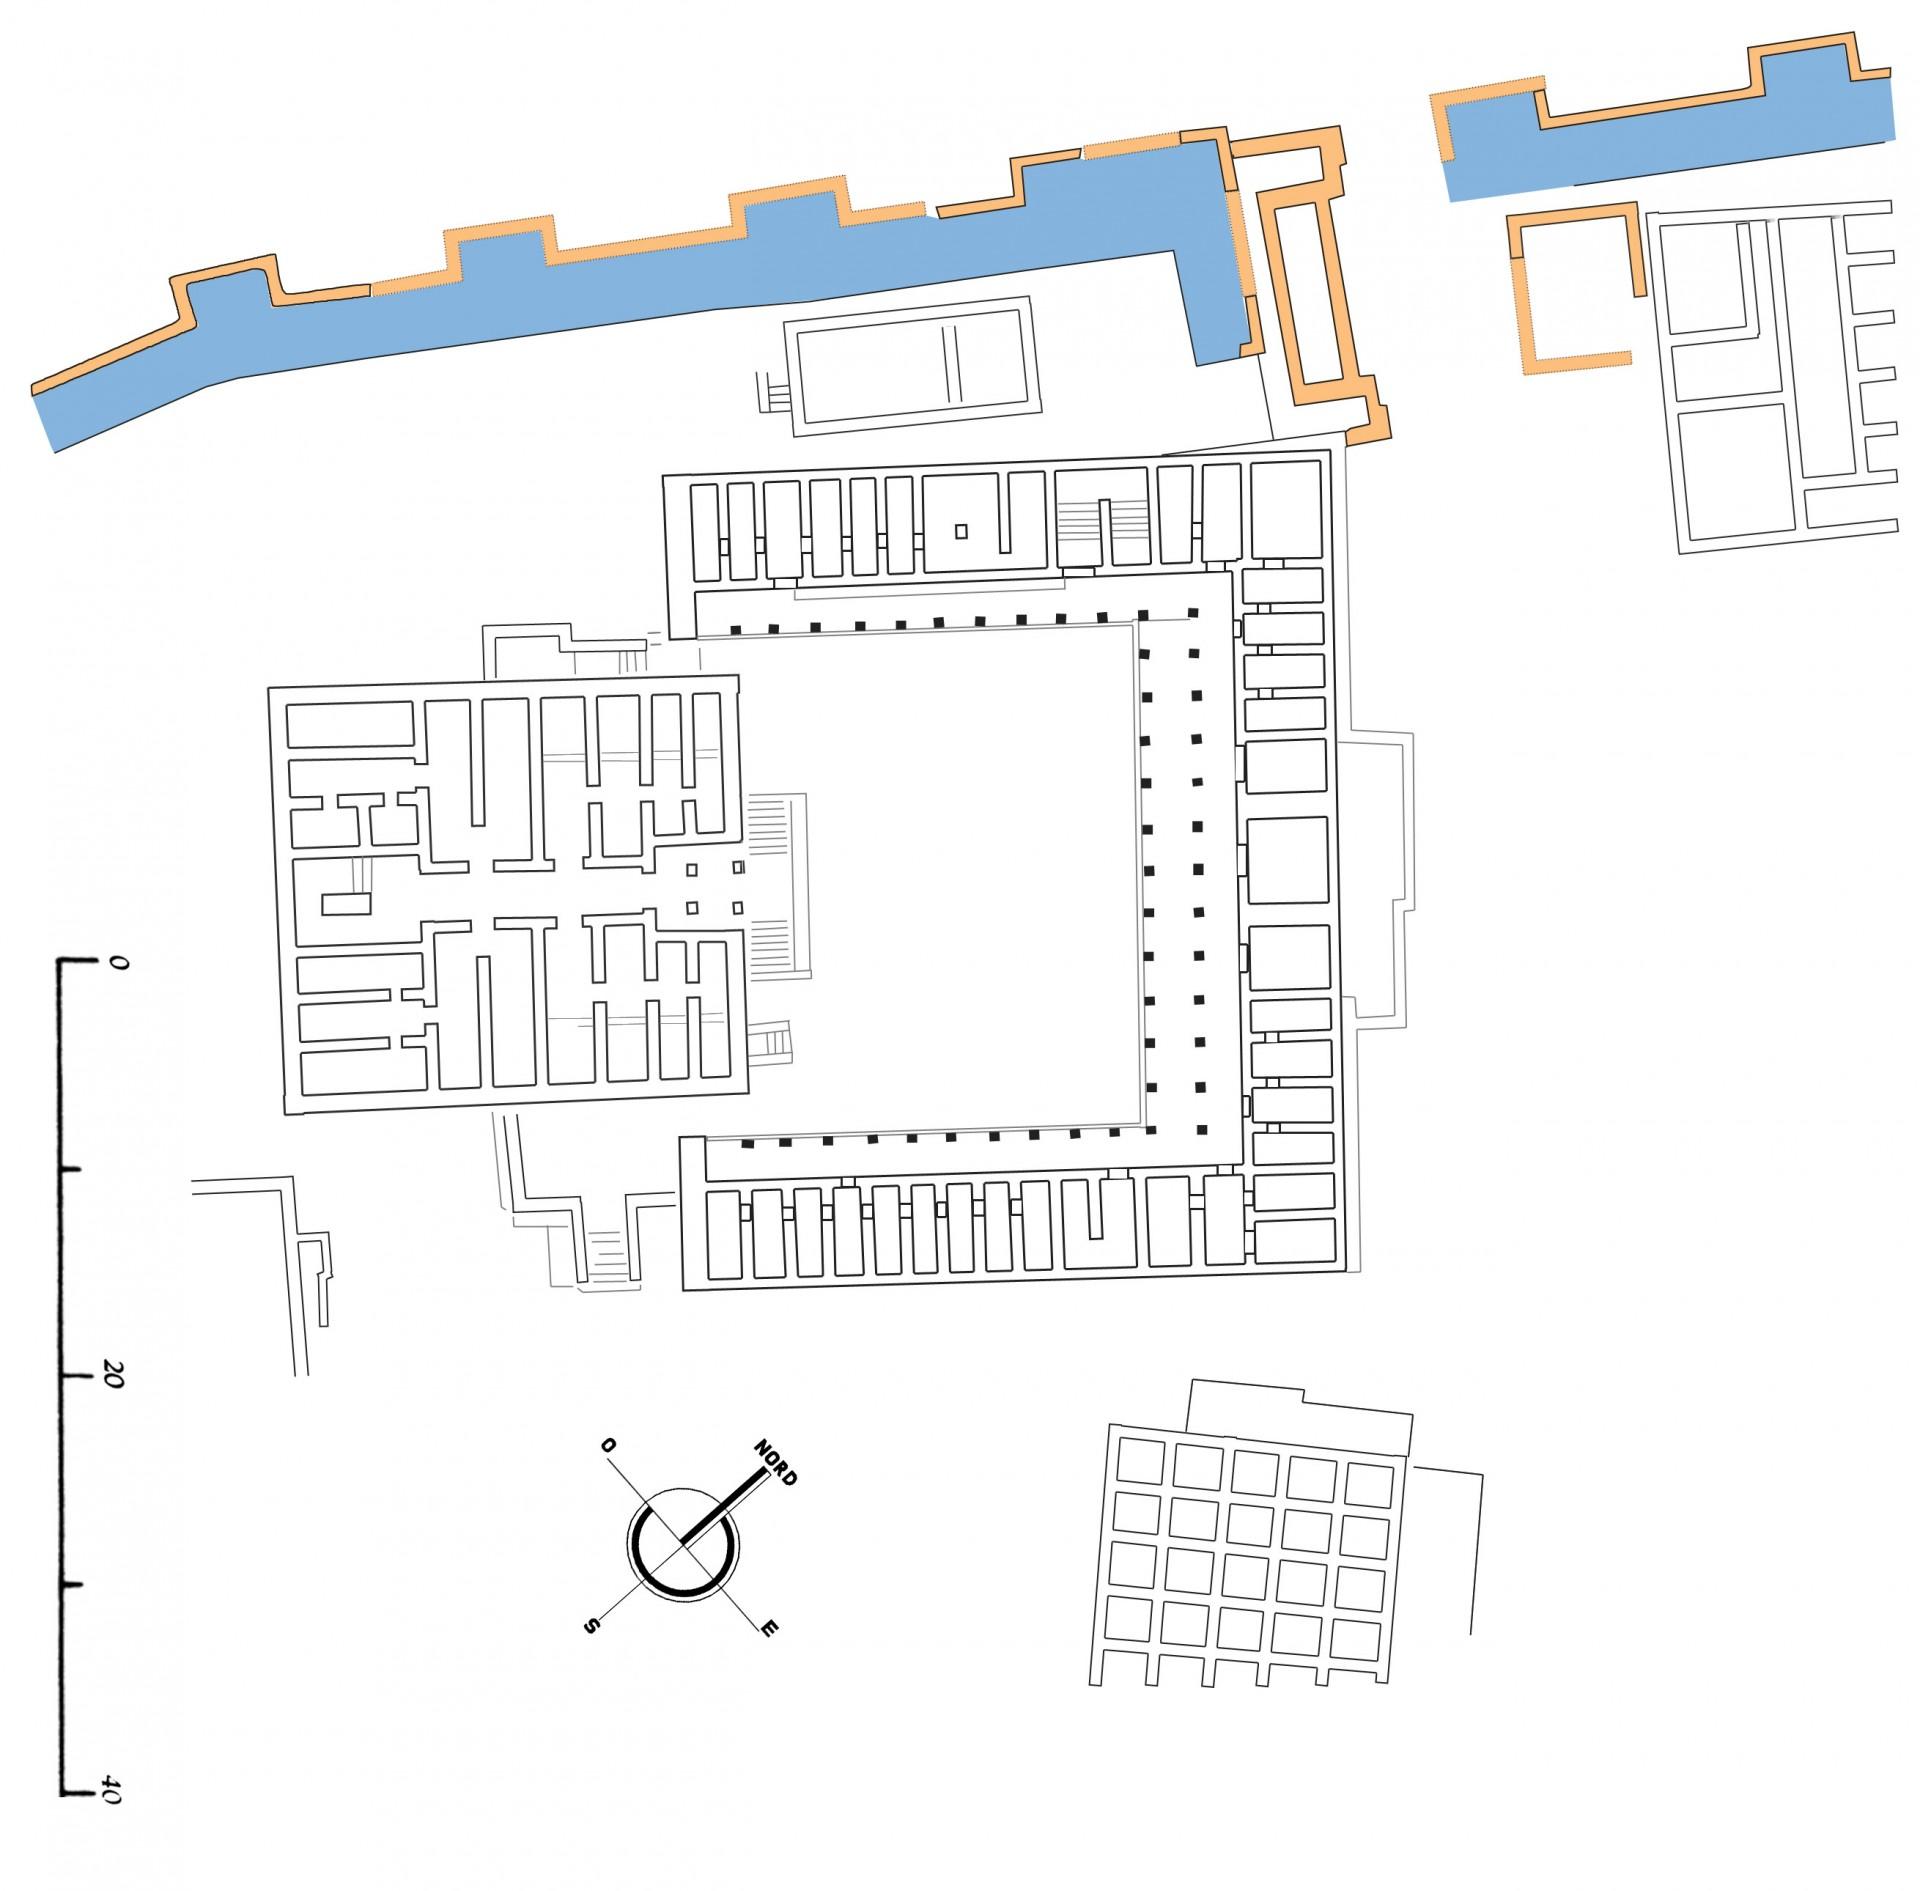 Plan des portes fortifiées de Shabwa